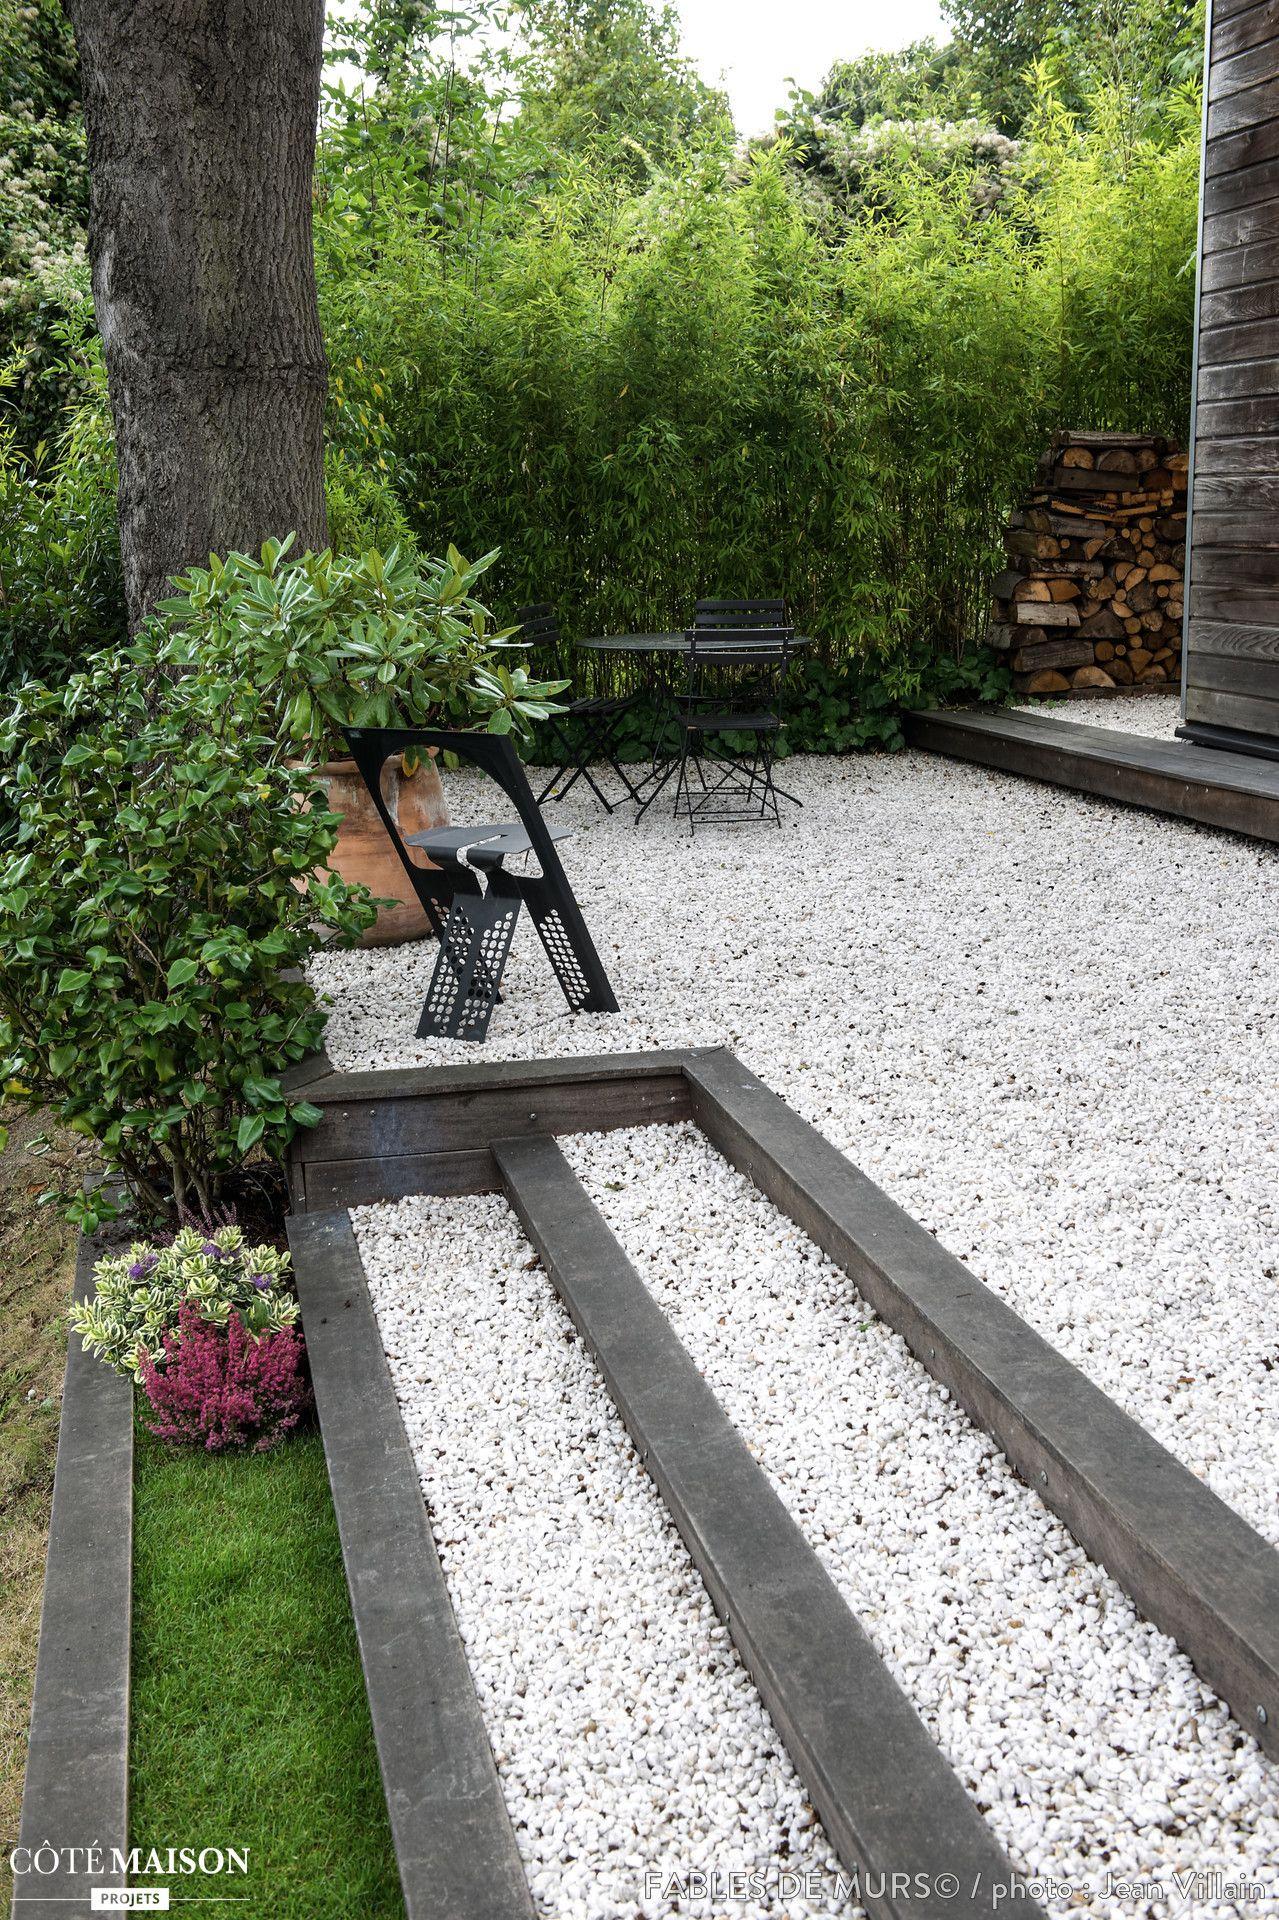 Amenagement Exterieur D Une Maison Amenagement Jardin Cailloux Escalier De Jardin Terrasse Gravier